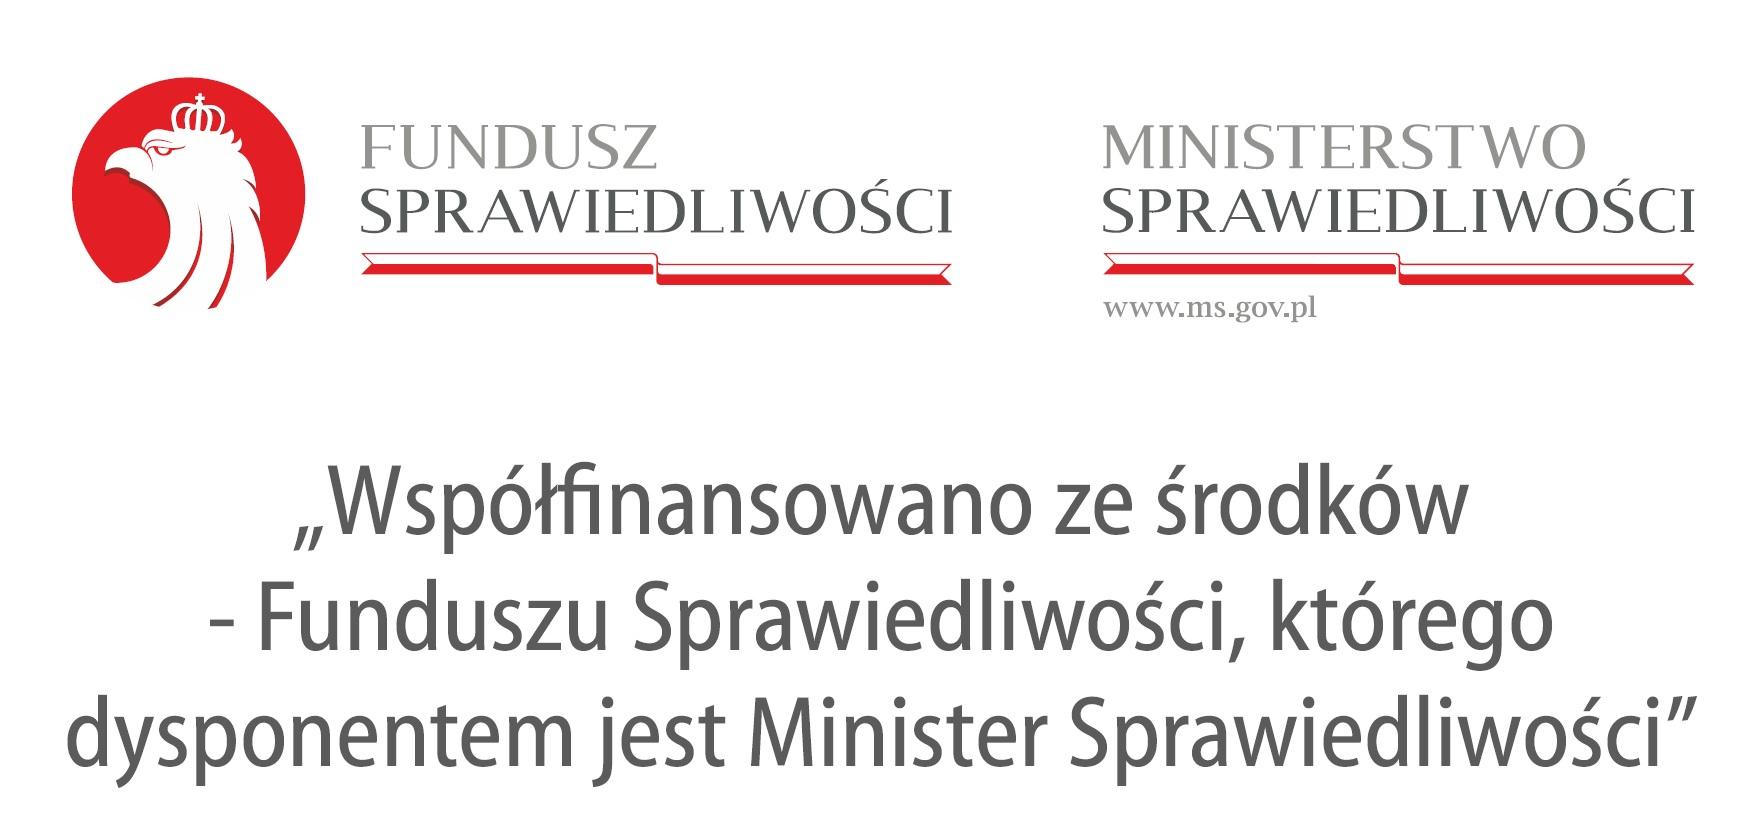 Dofinansowanie dla OSP z Funduszu Sprawiedliwości